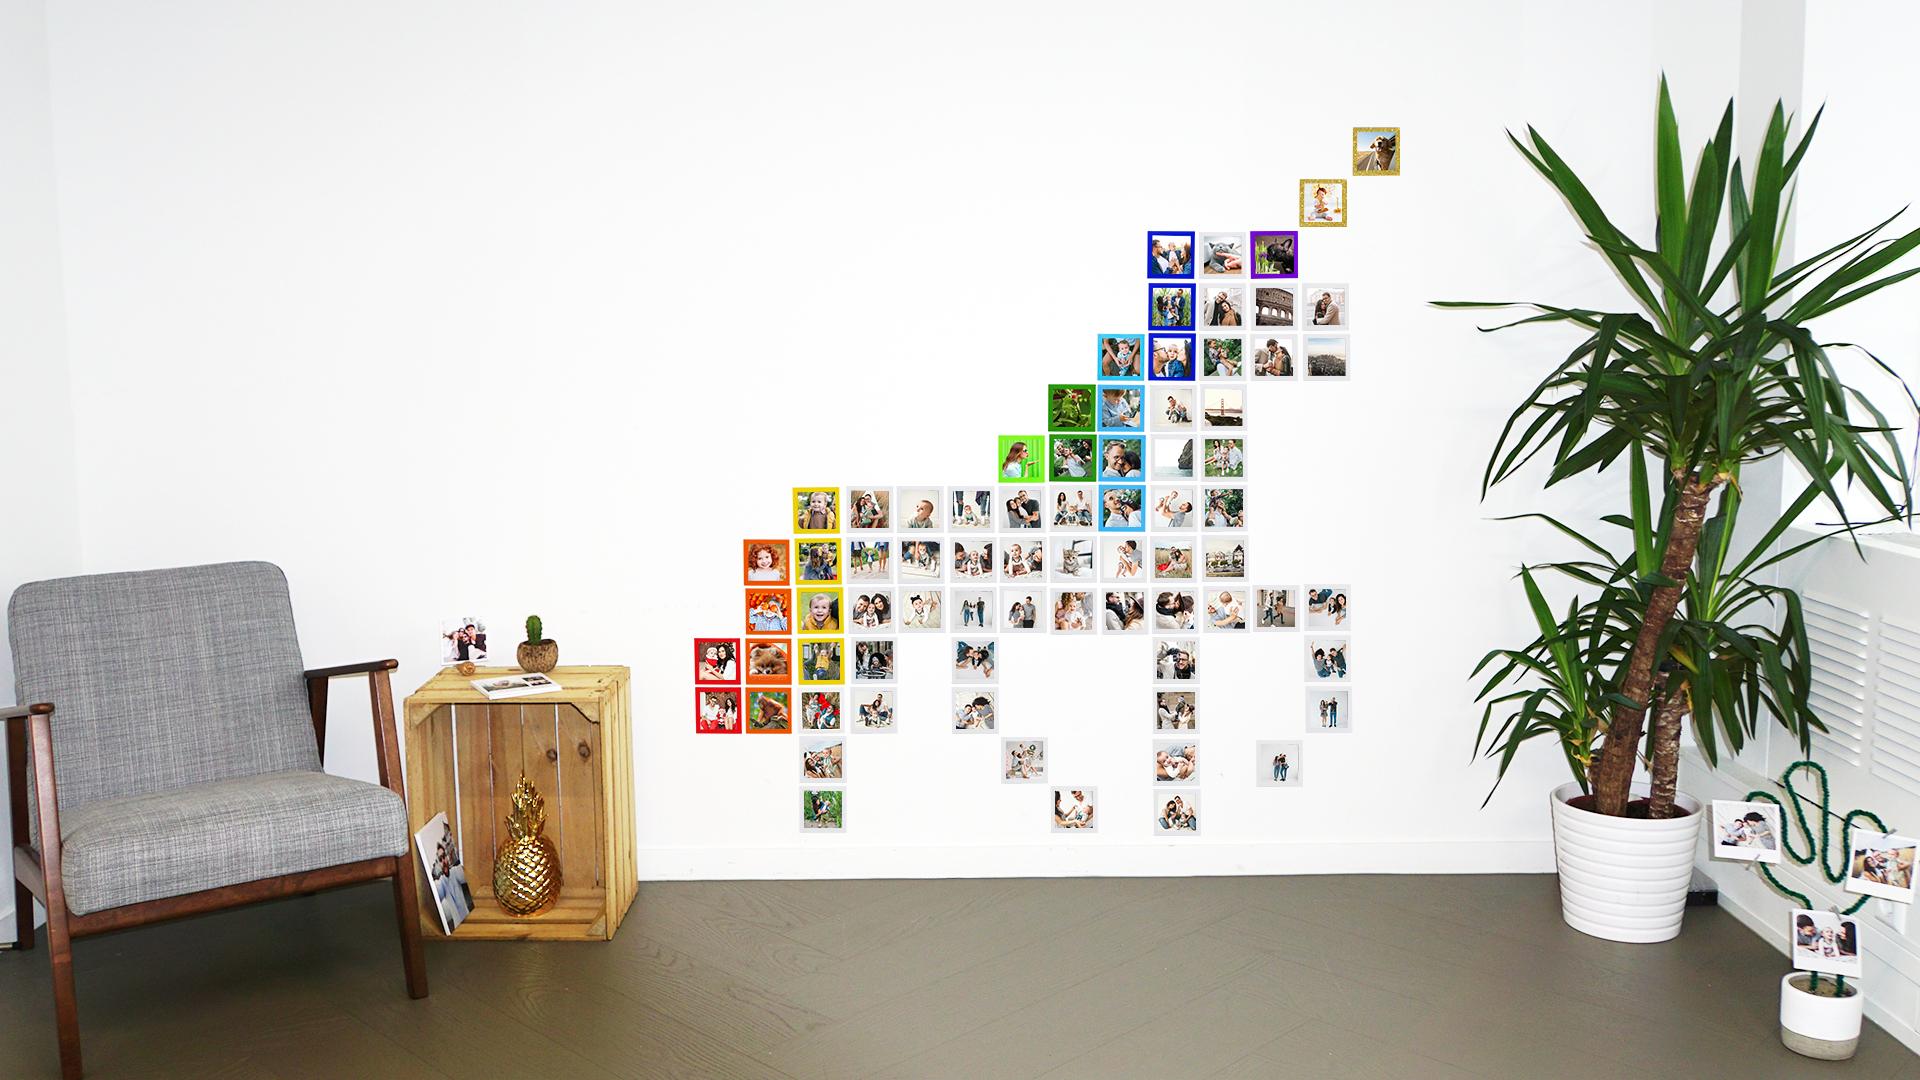 Printiki's office has also gotten a Unicorn Photo Wall.😉